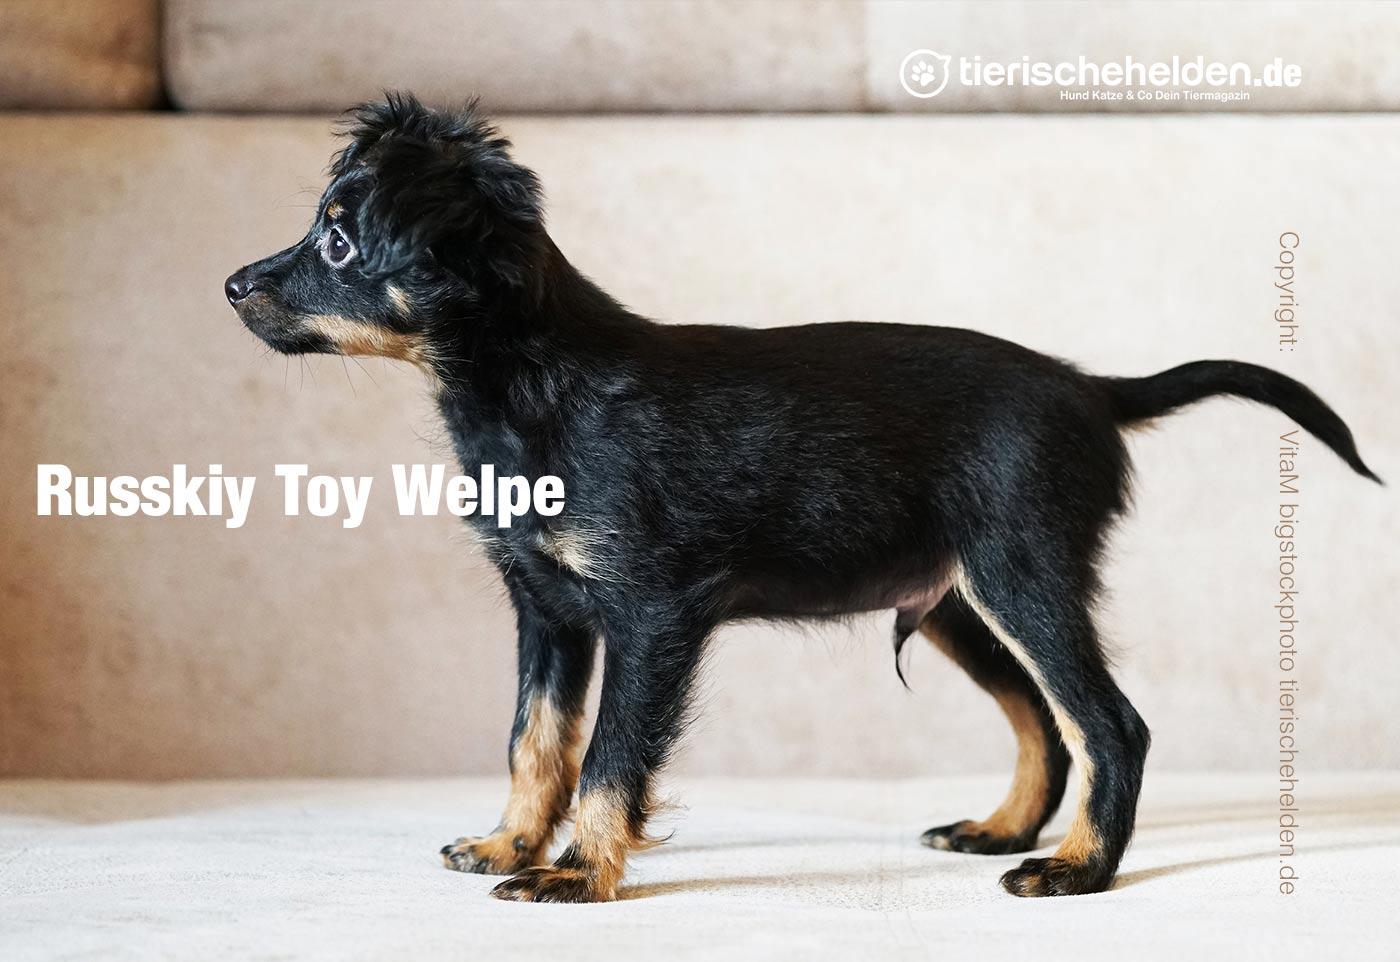 Russkiy Toy Welpe